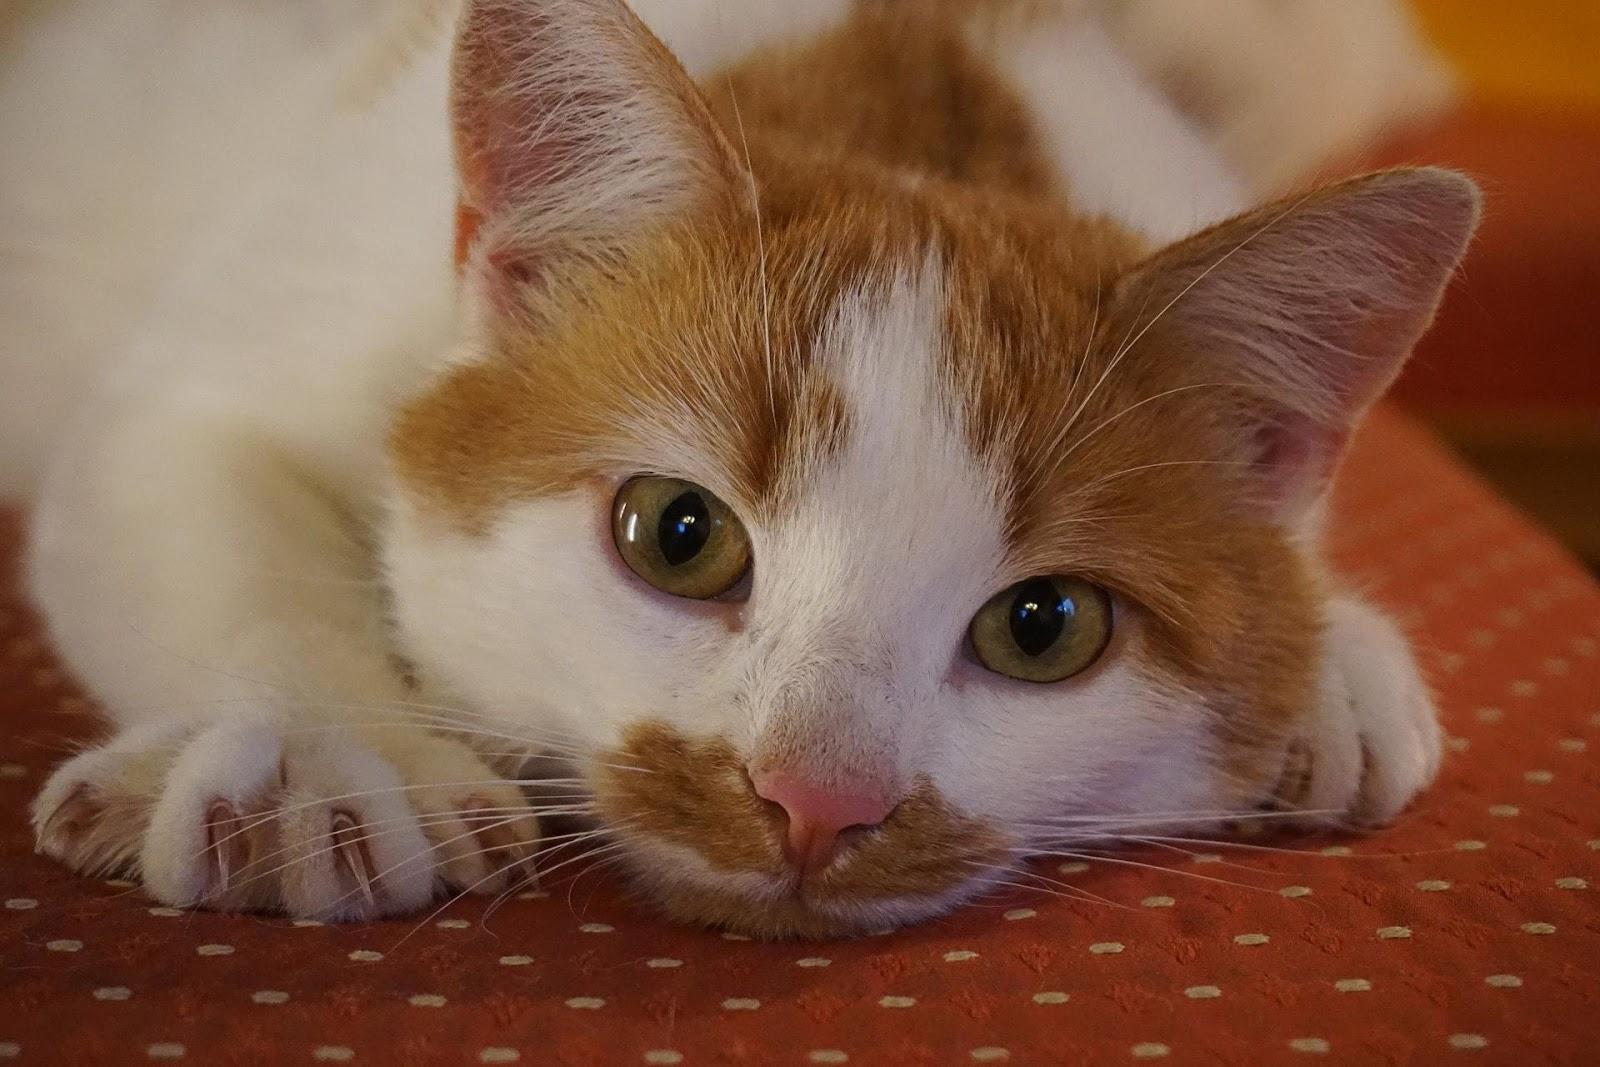 cat-2830802_1920-min.jpg